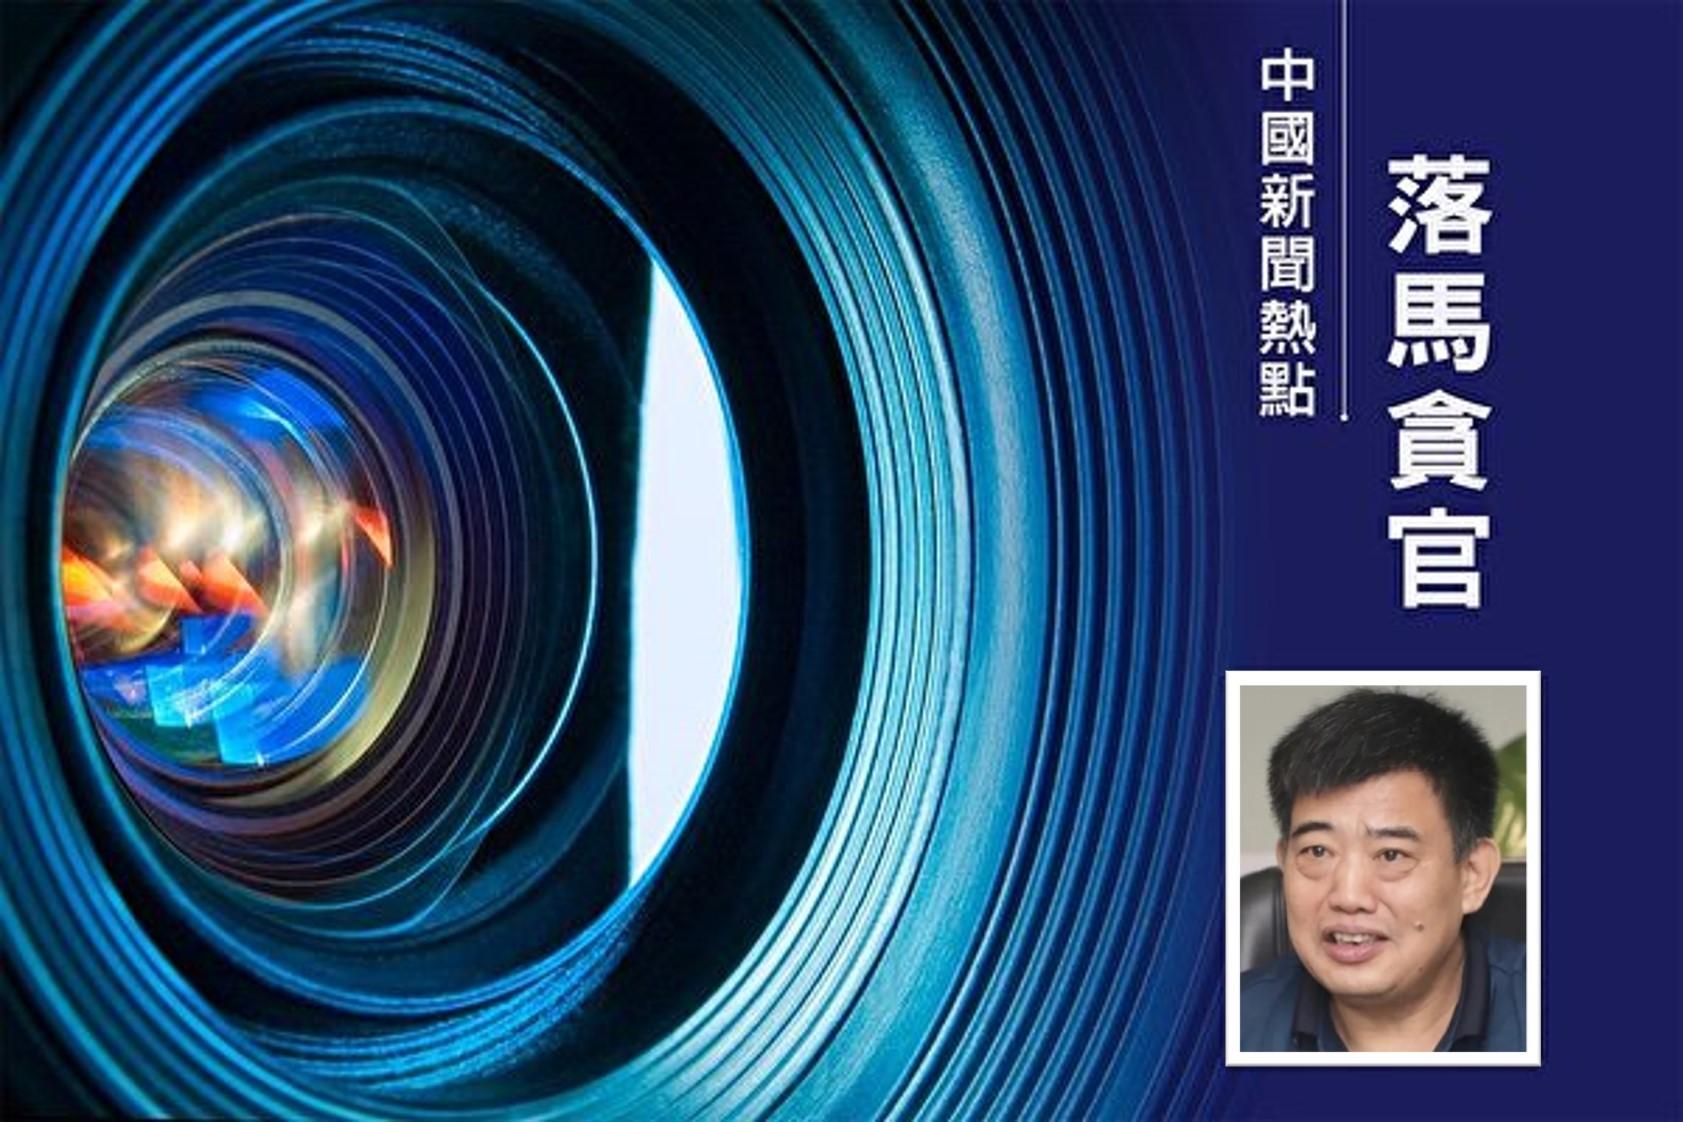 2021年8月6日,中共文化央企華錄集團總經理張黎明被查。(大紀元合成圖片)